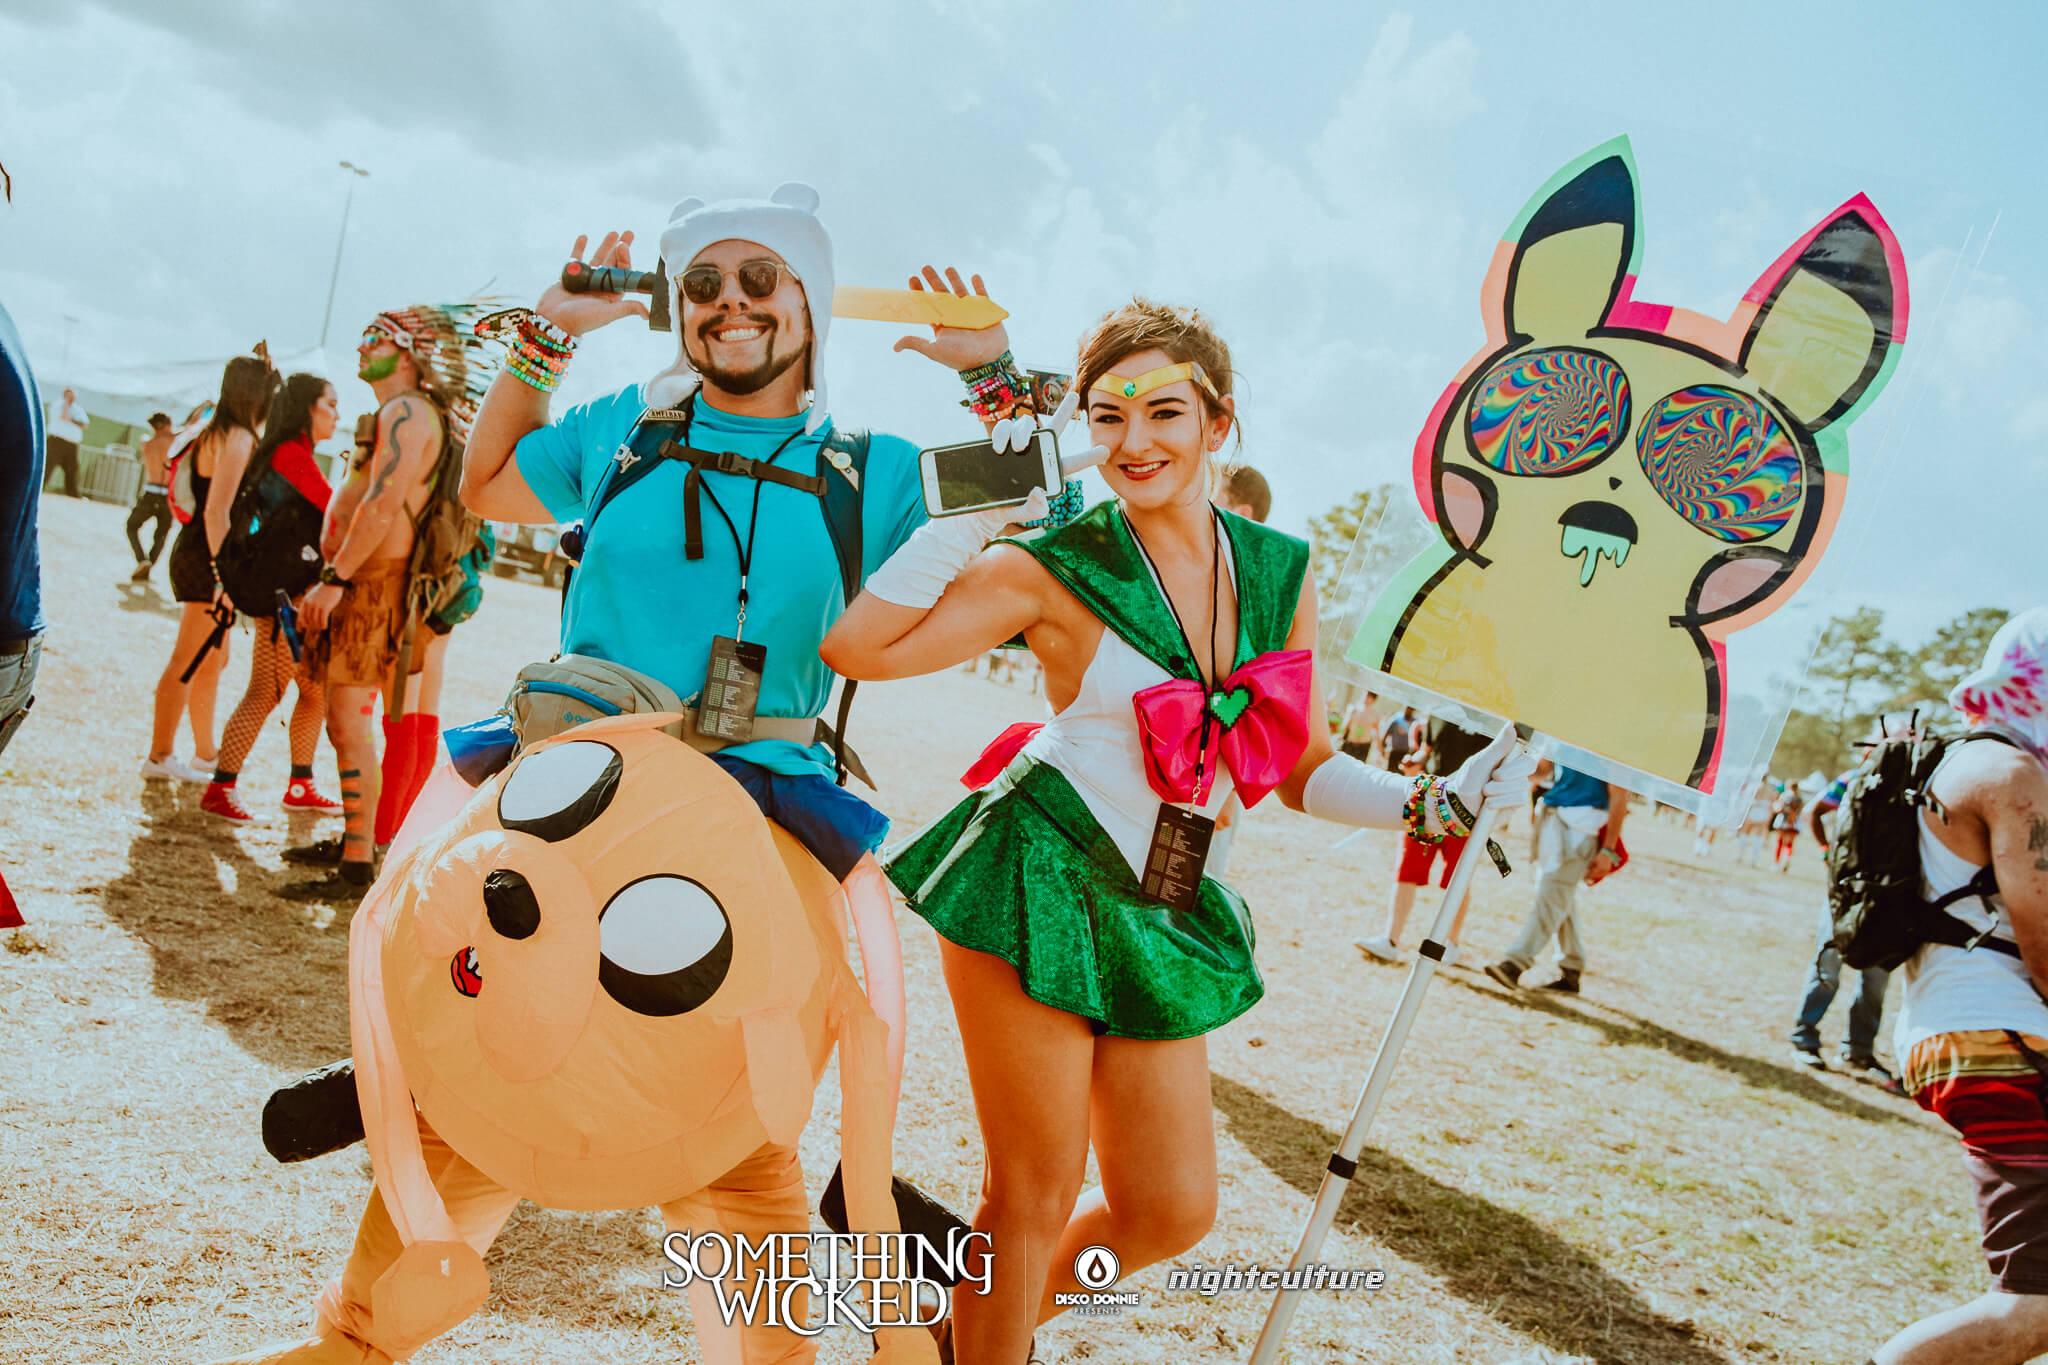 festival fan with totem